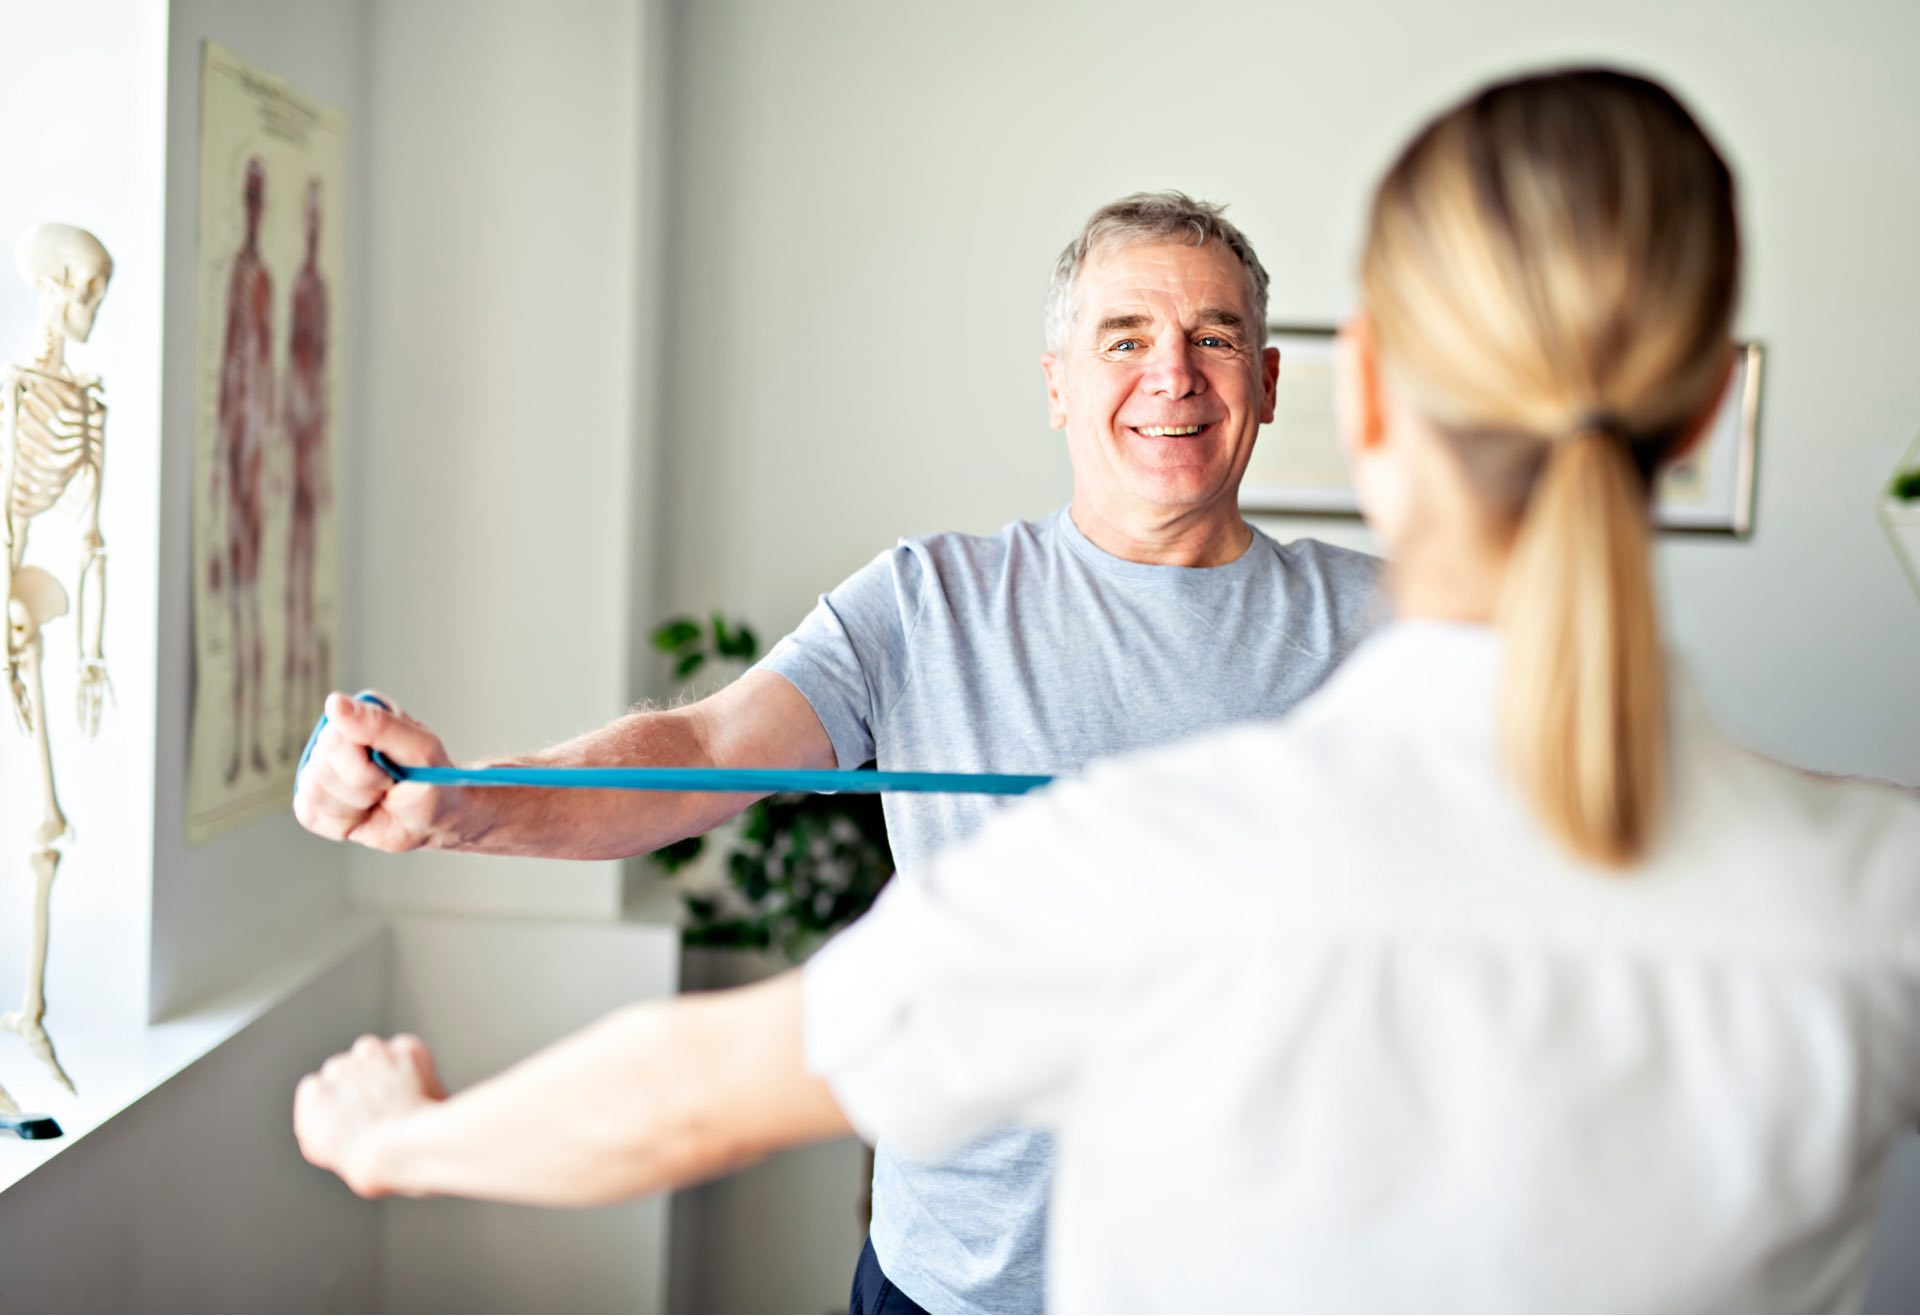 Neurologische Behandlung Physiotherapie Bonn bei Medical Health Point